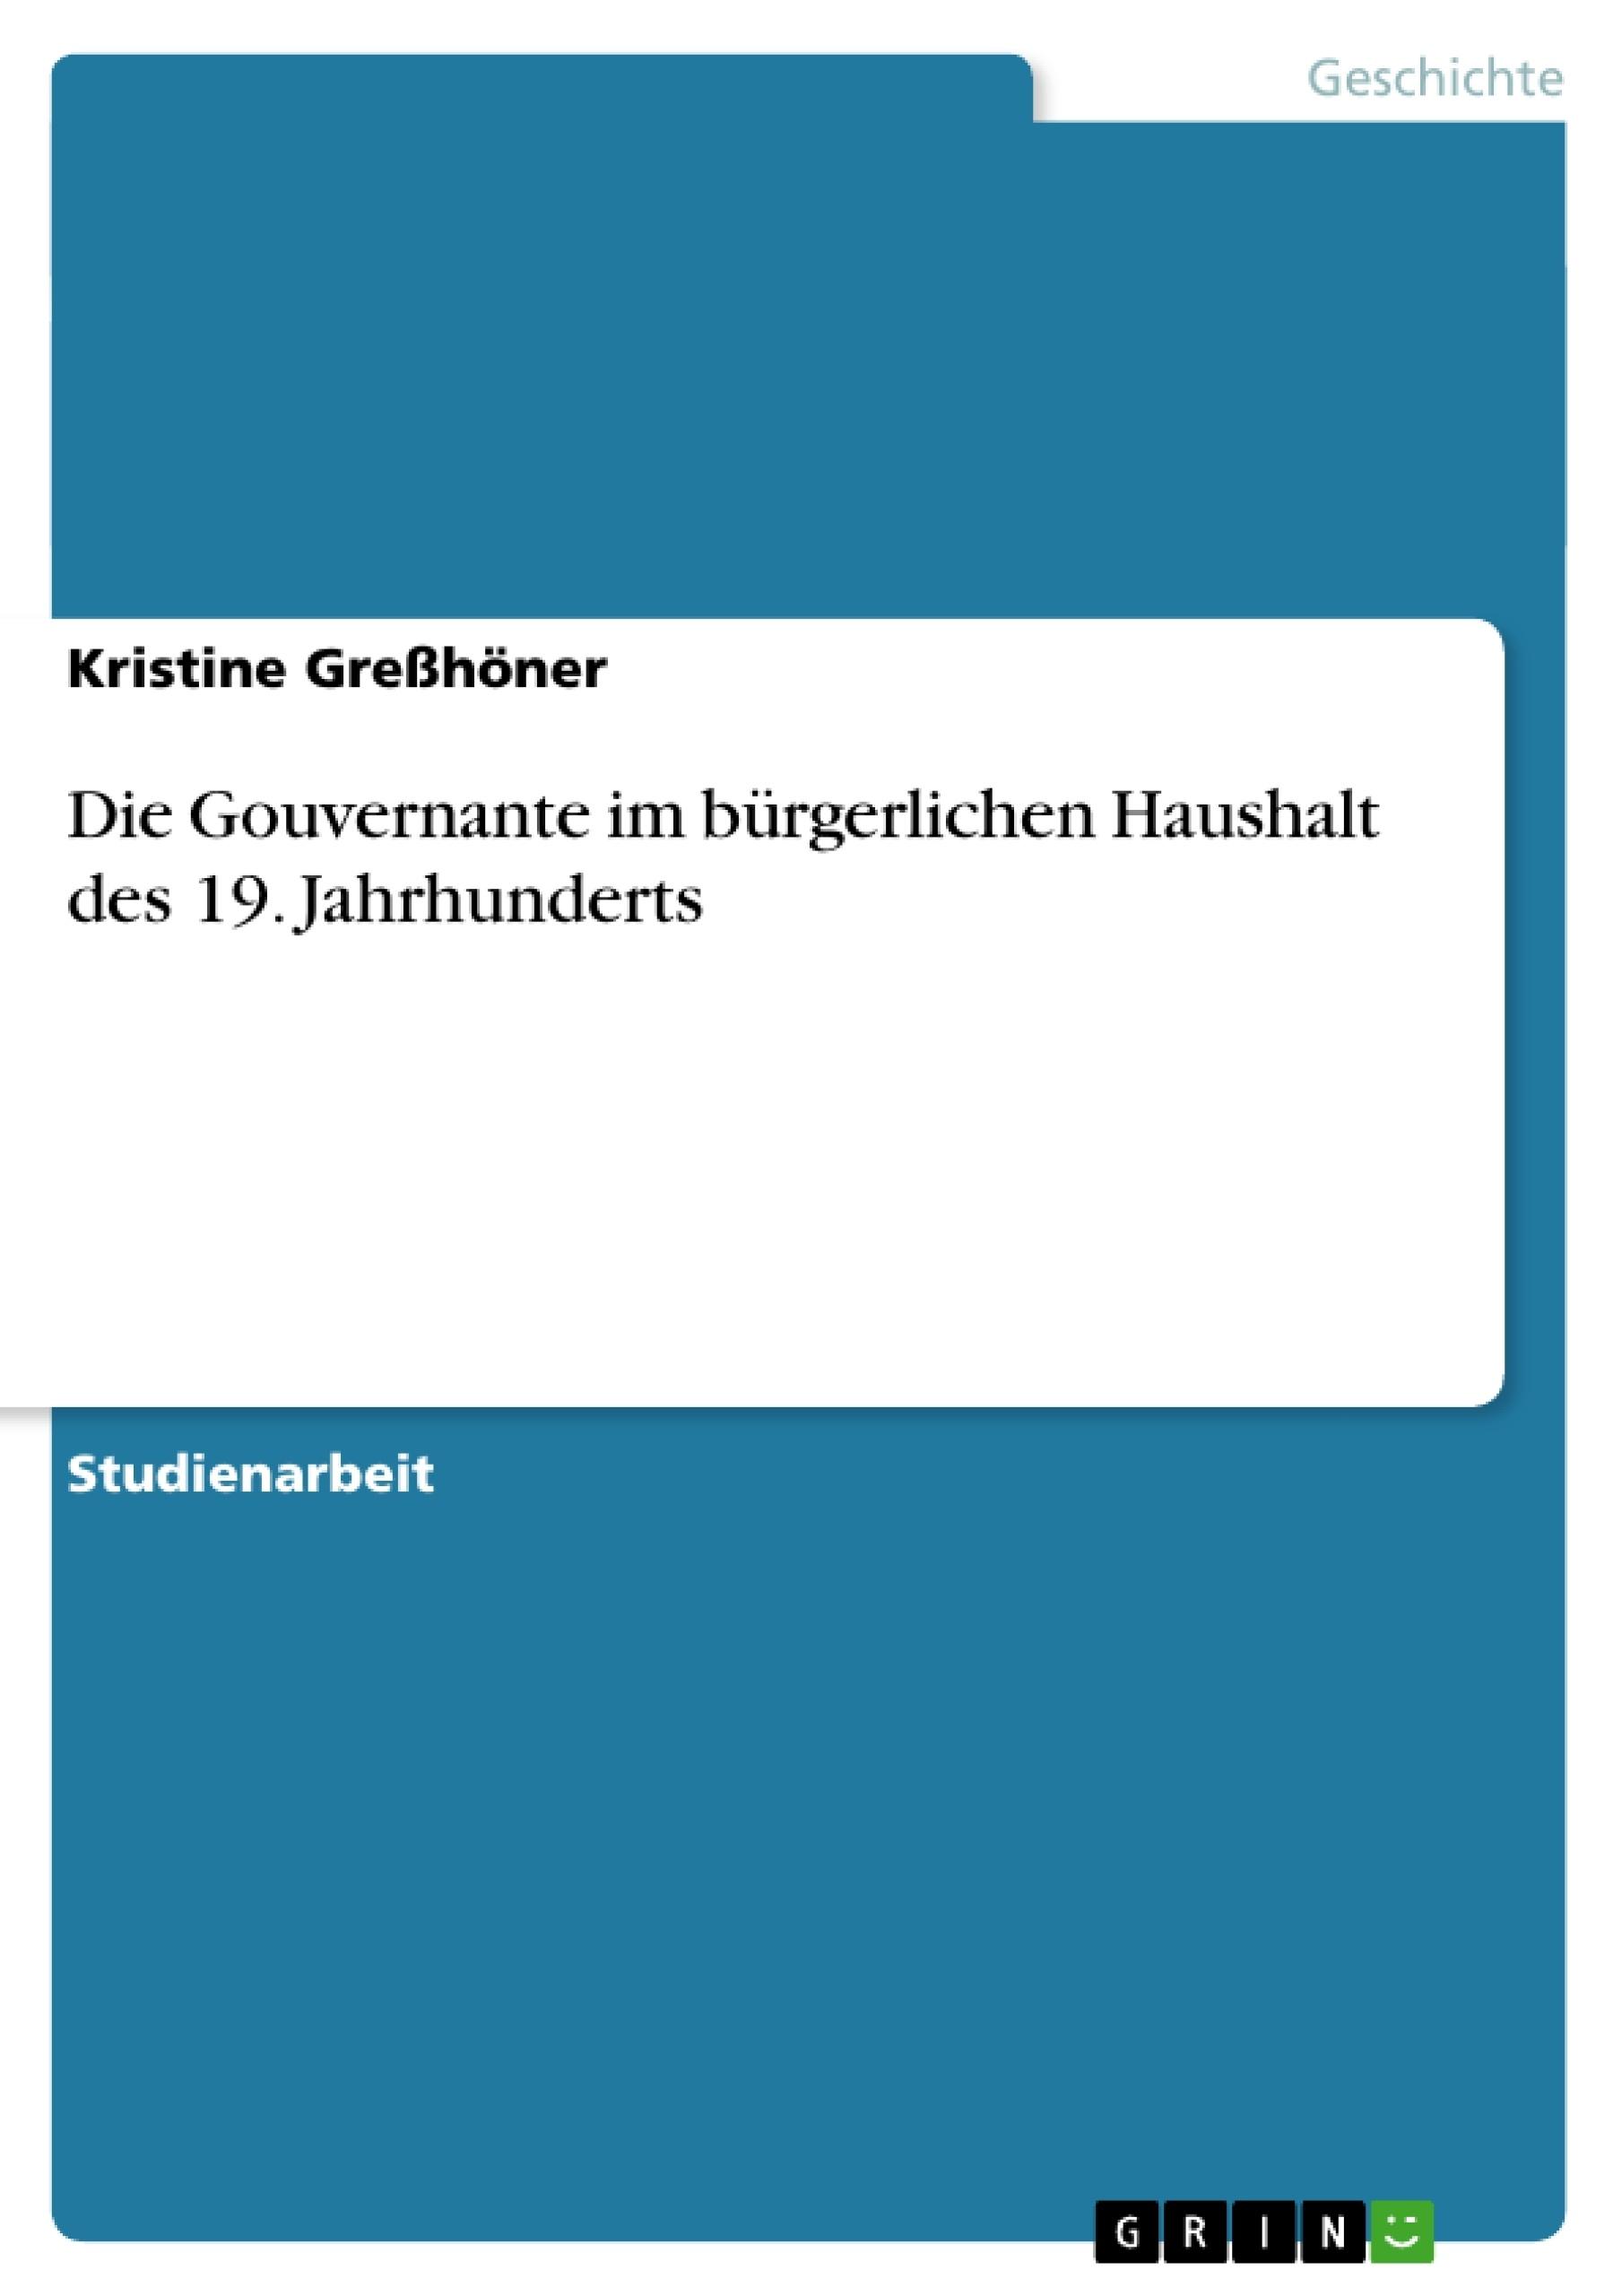 Titel: Die Gouvernante im bürgerlichen Haushalt des 19. Jahrhunderts